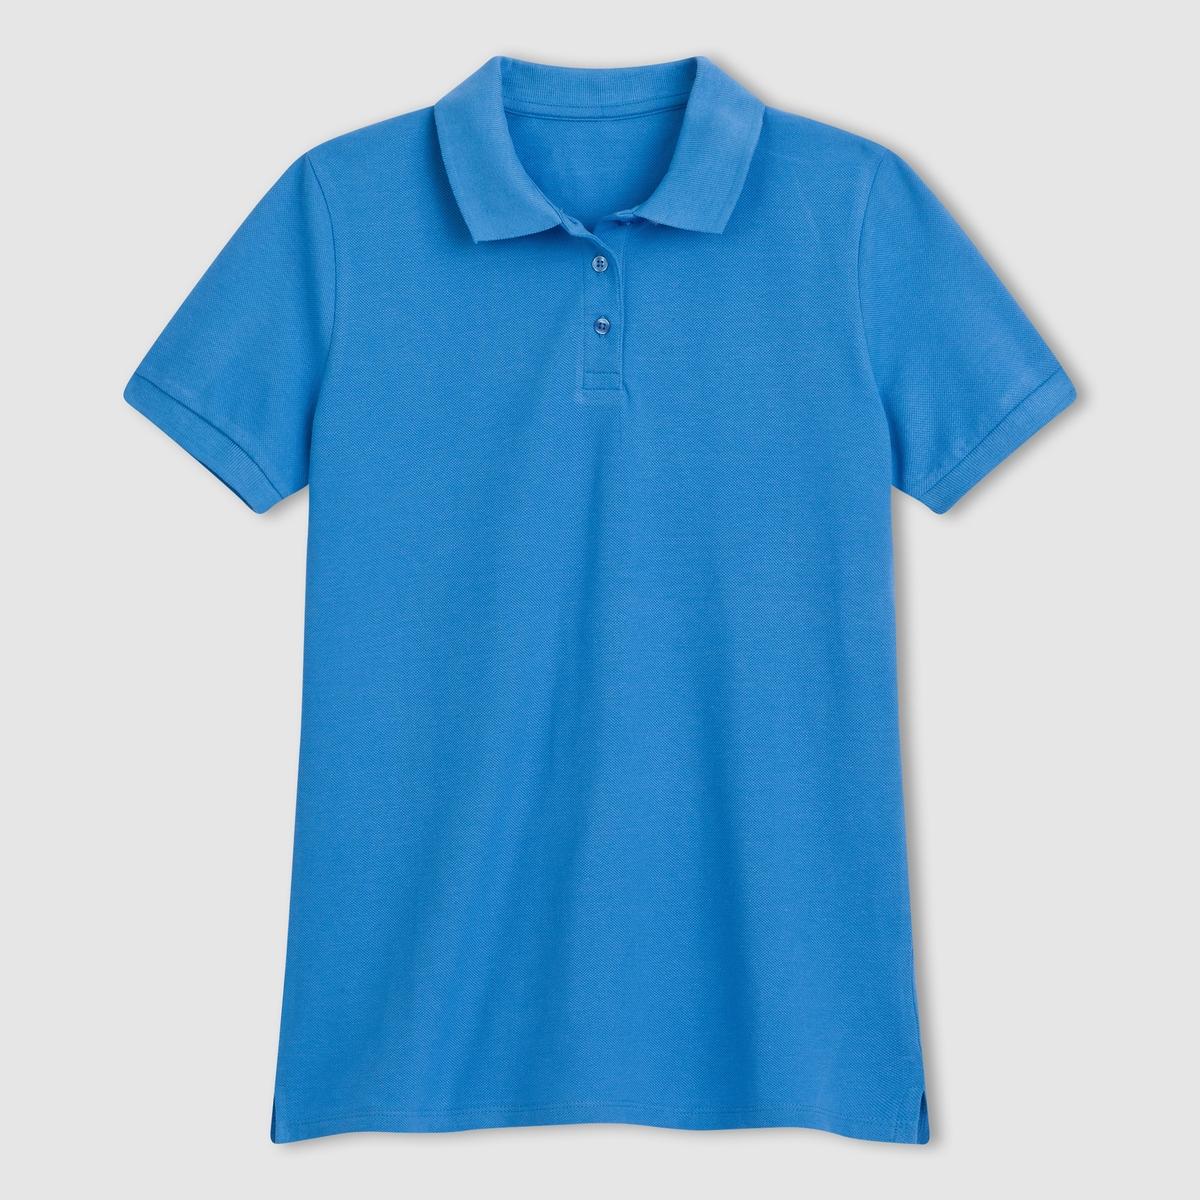 Футболка-поло с короткими рукавамиСтильная футболка-поло с короткими рукавами . 100% хлопка . Воротник-поло . Планка застежки на пуговицы . Длина 64 см  .<br><br>Цвет: синий морской волны<br>Размер: 42/44 (FR) - 48/50 (RUS)